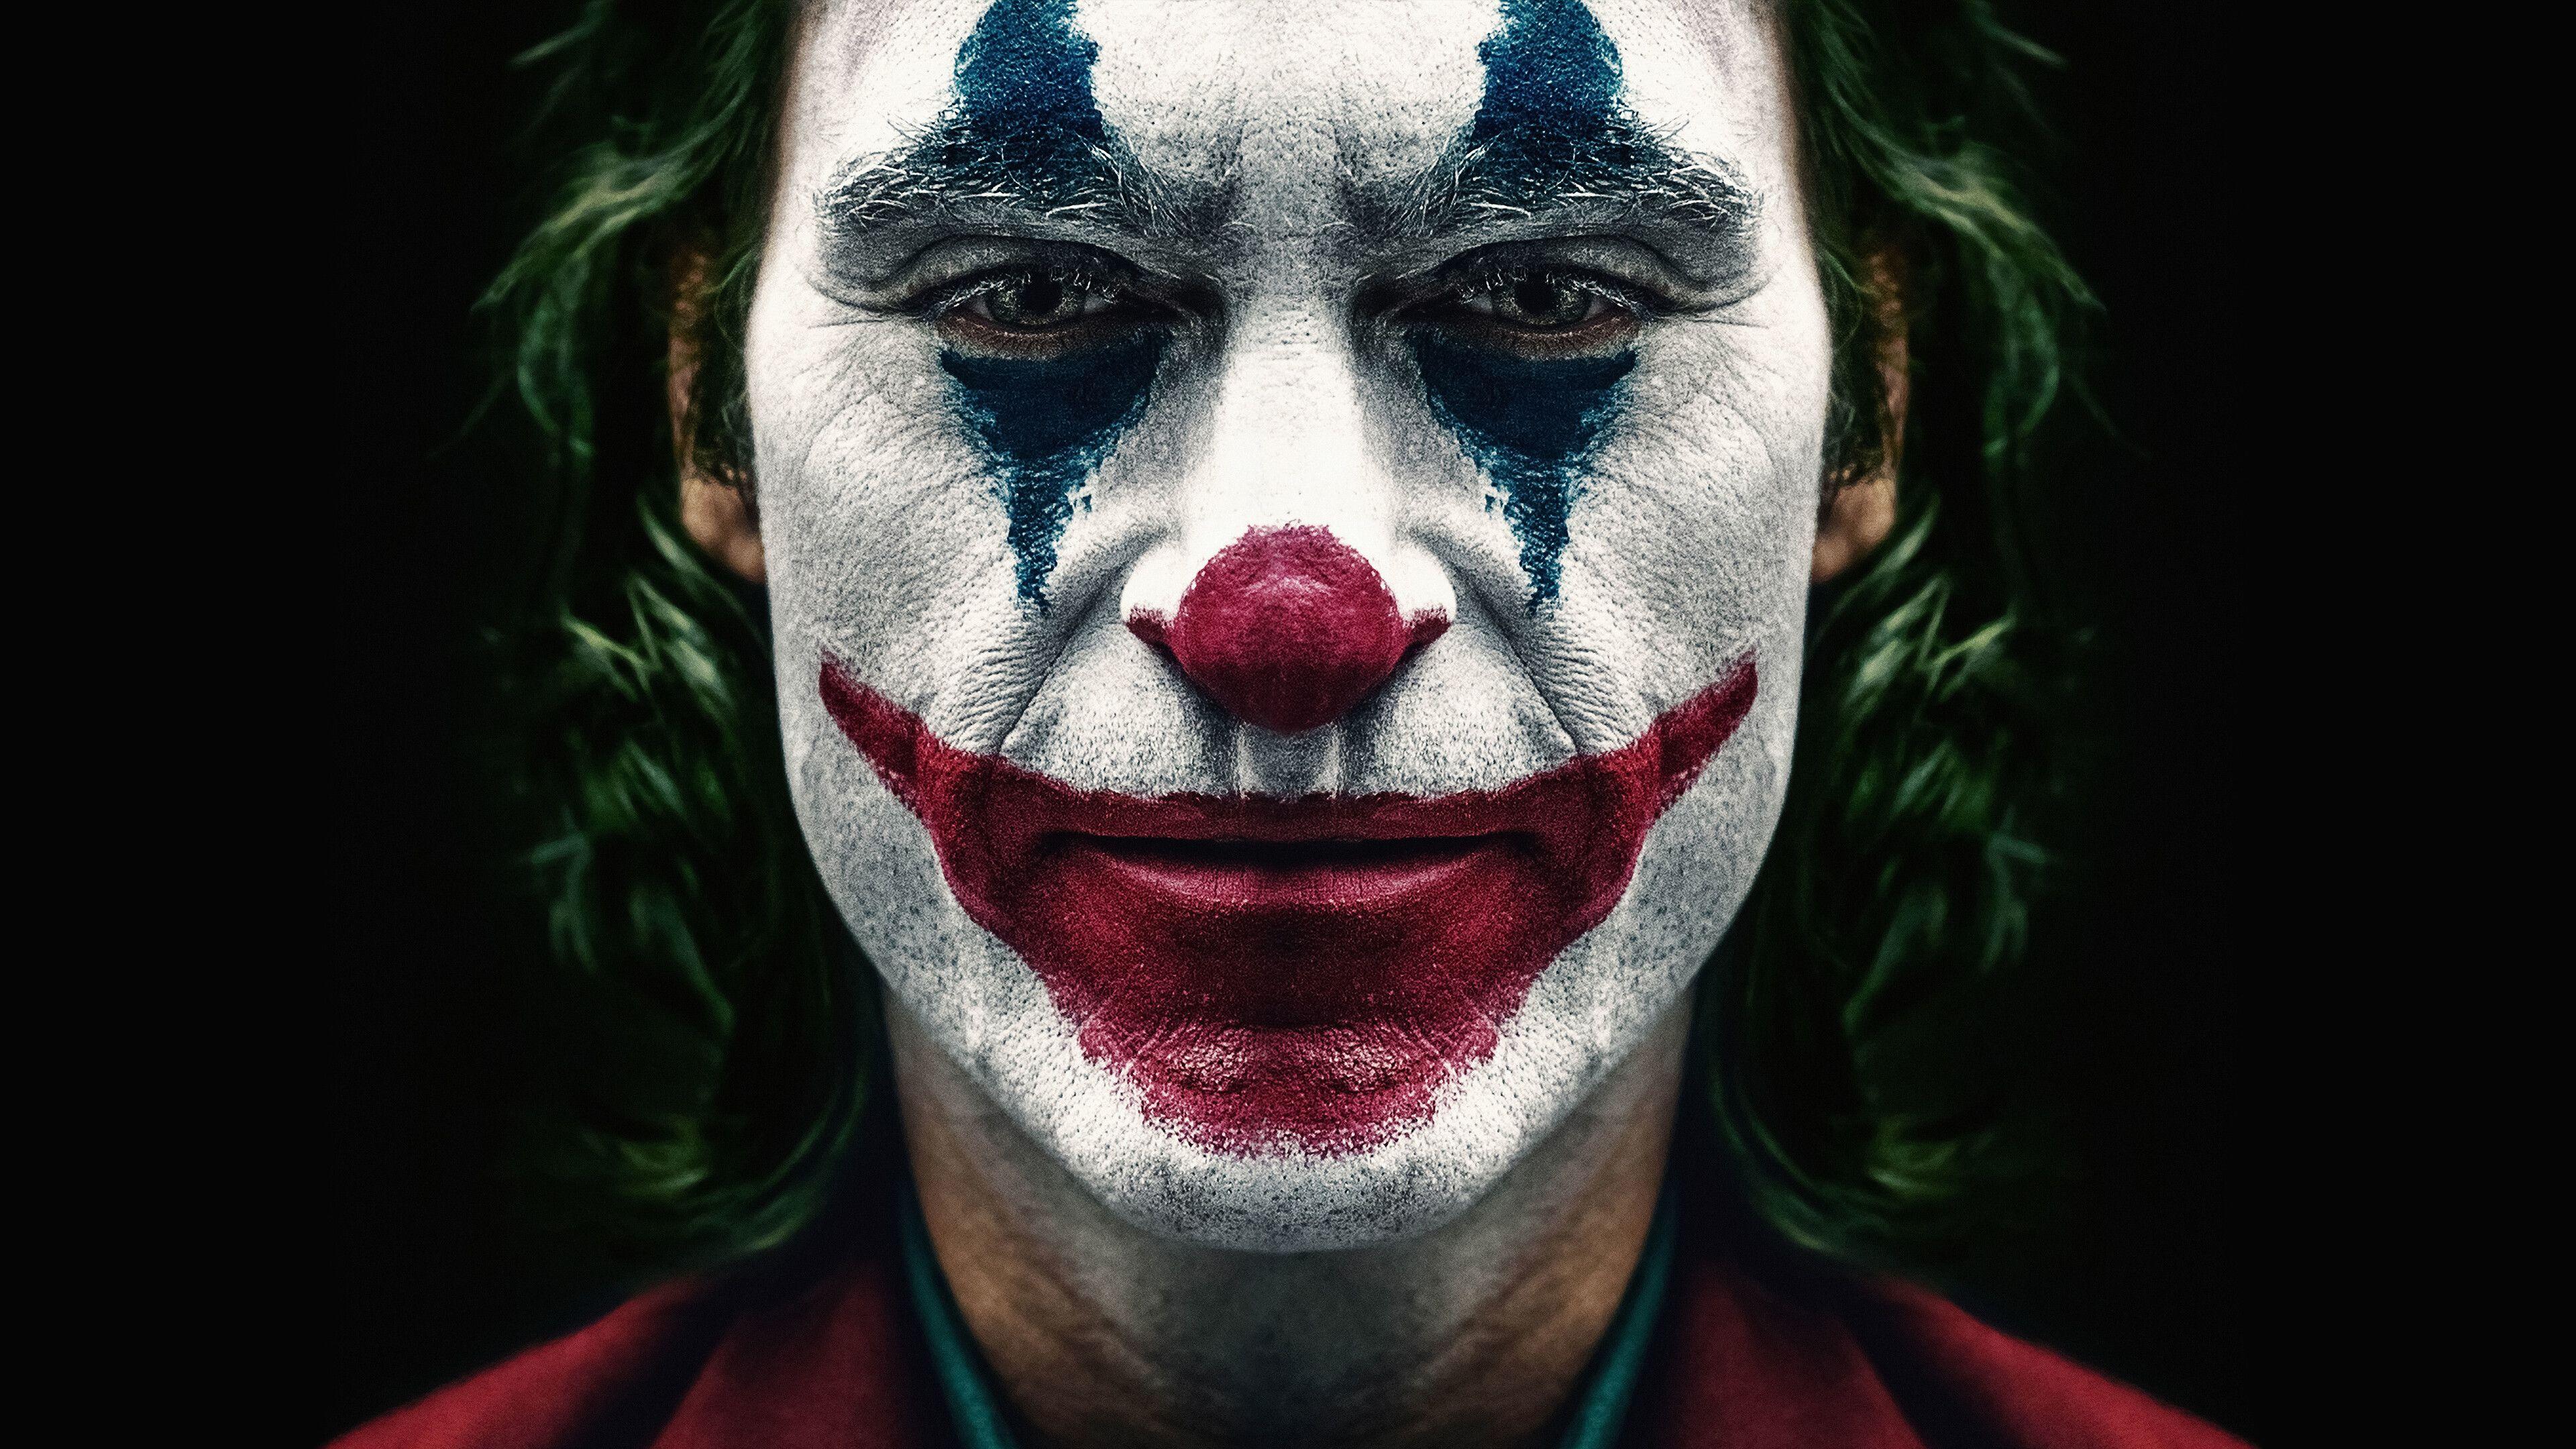 Joker 2019 Desktop Wallpapers - Wallpaper Cave